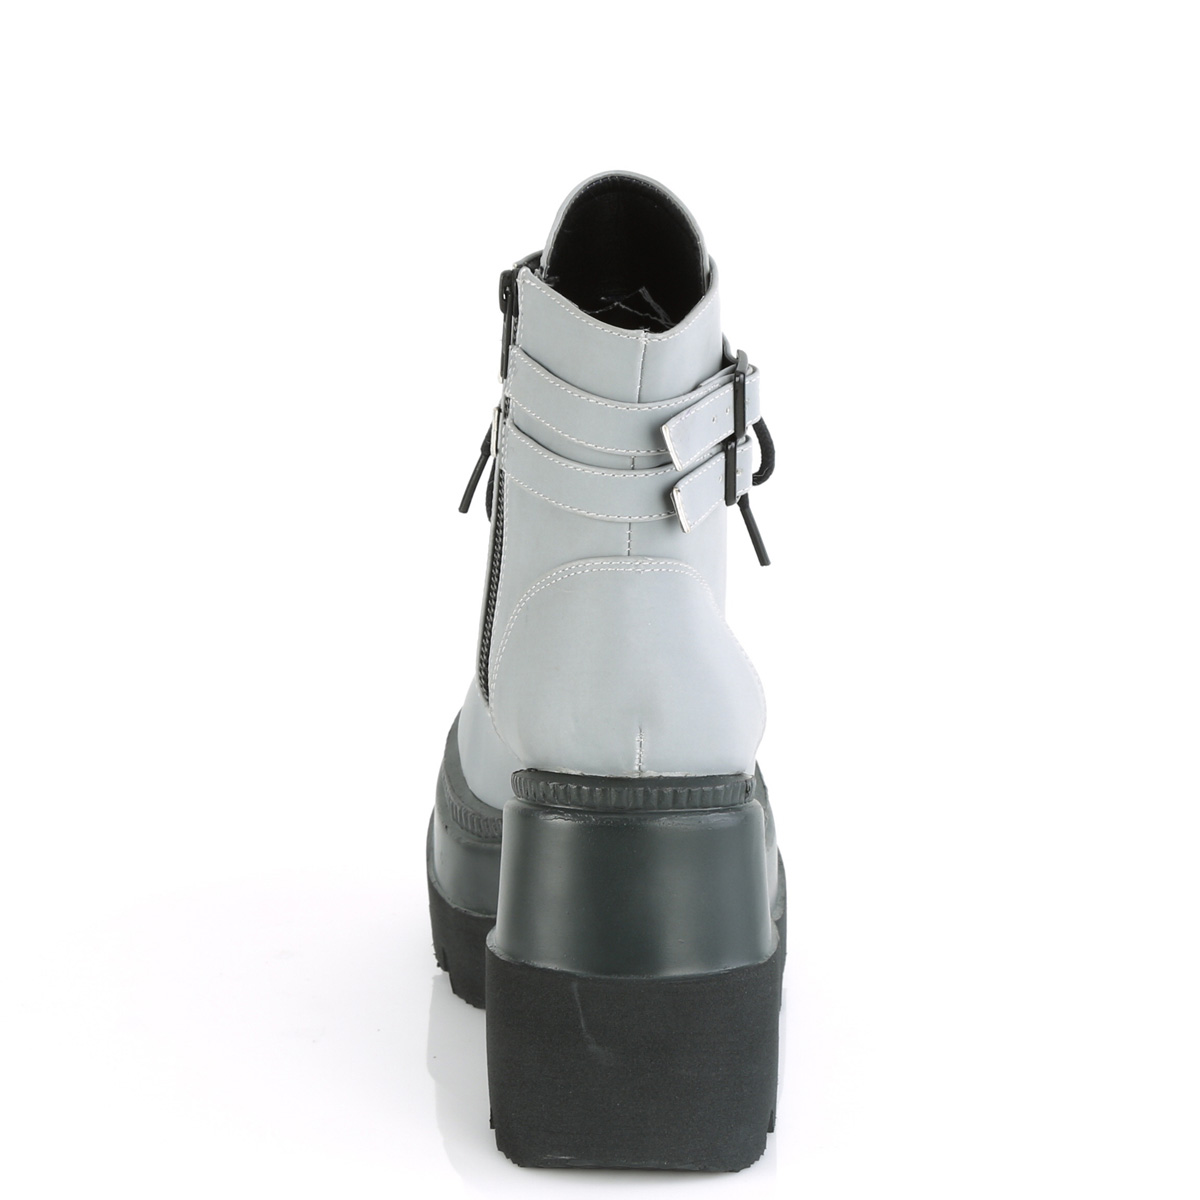 shaker-52-gyrefl09.jpg